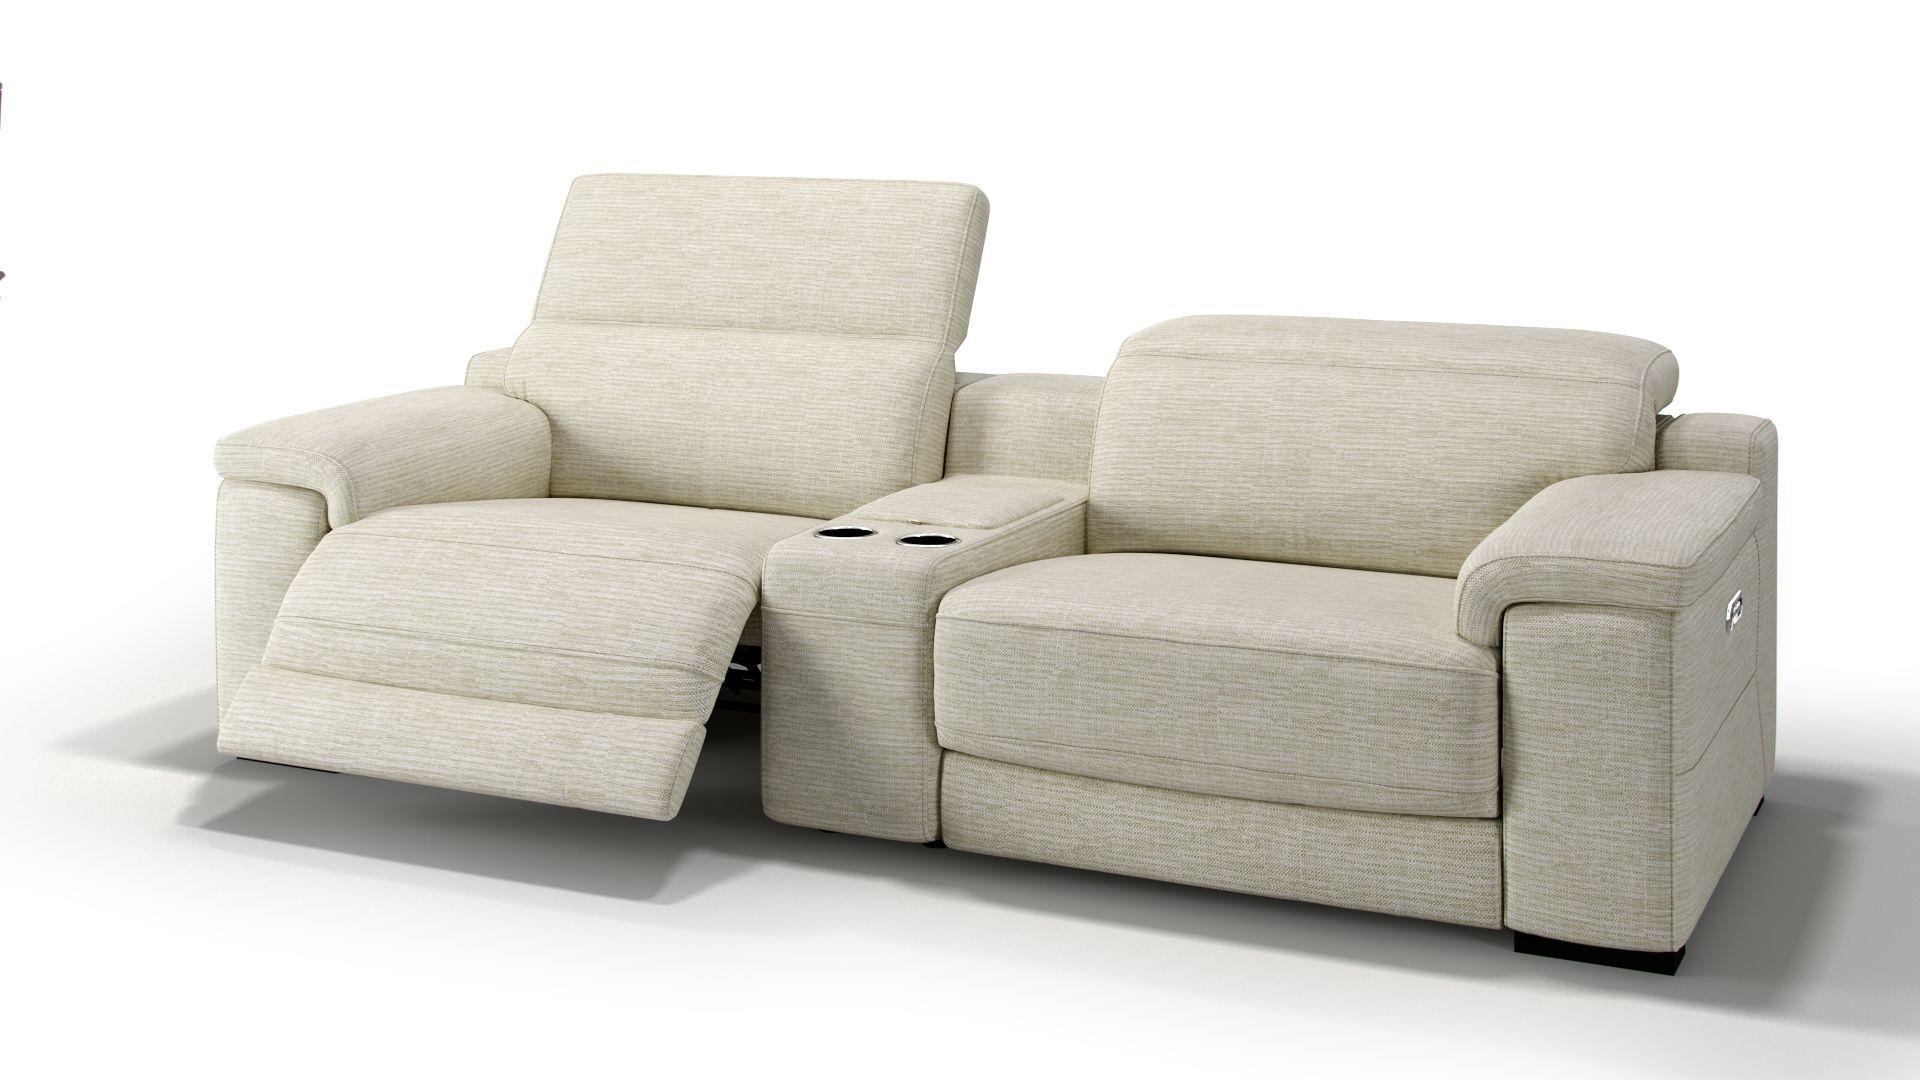 Stoff 2-Sitzer Kinosofa mit einer Mittelkonsole SORA